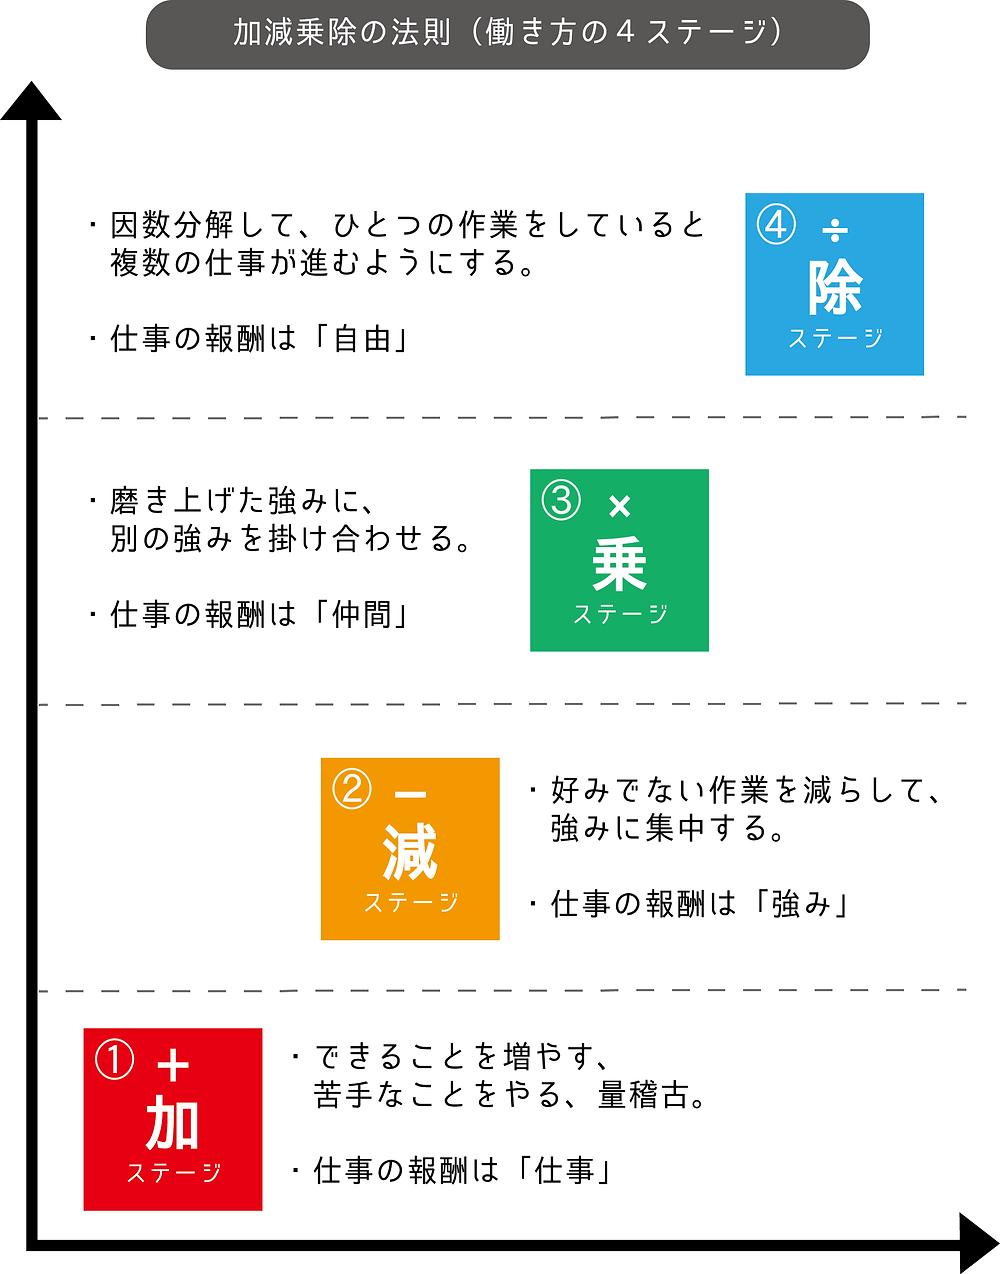 加減乗除の法則(働き方の4ステージ)